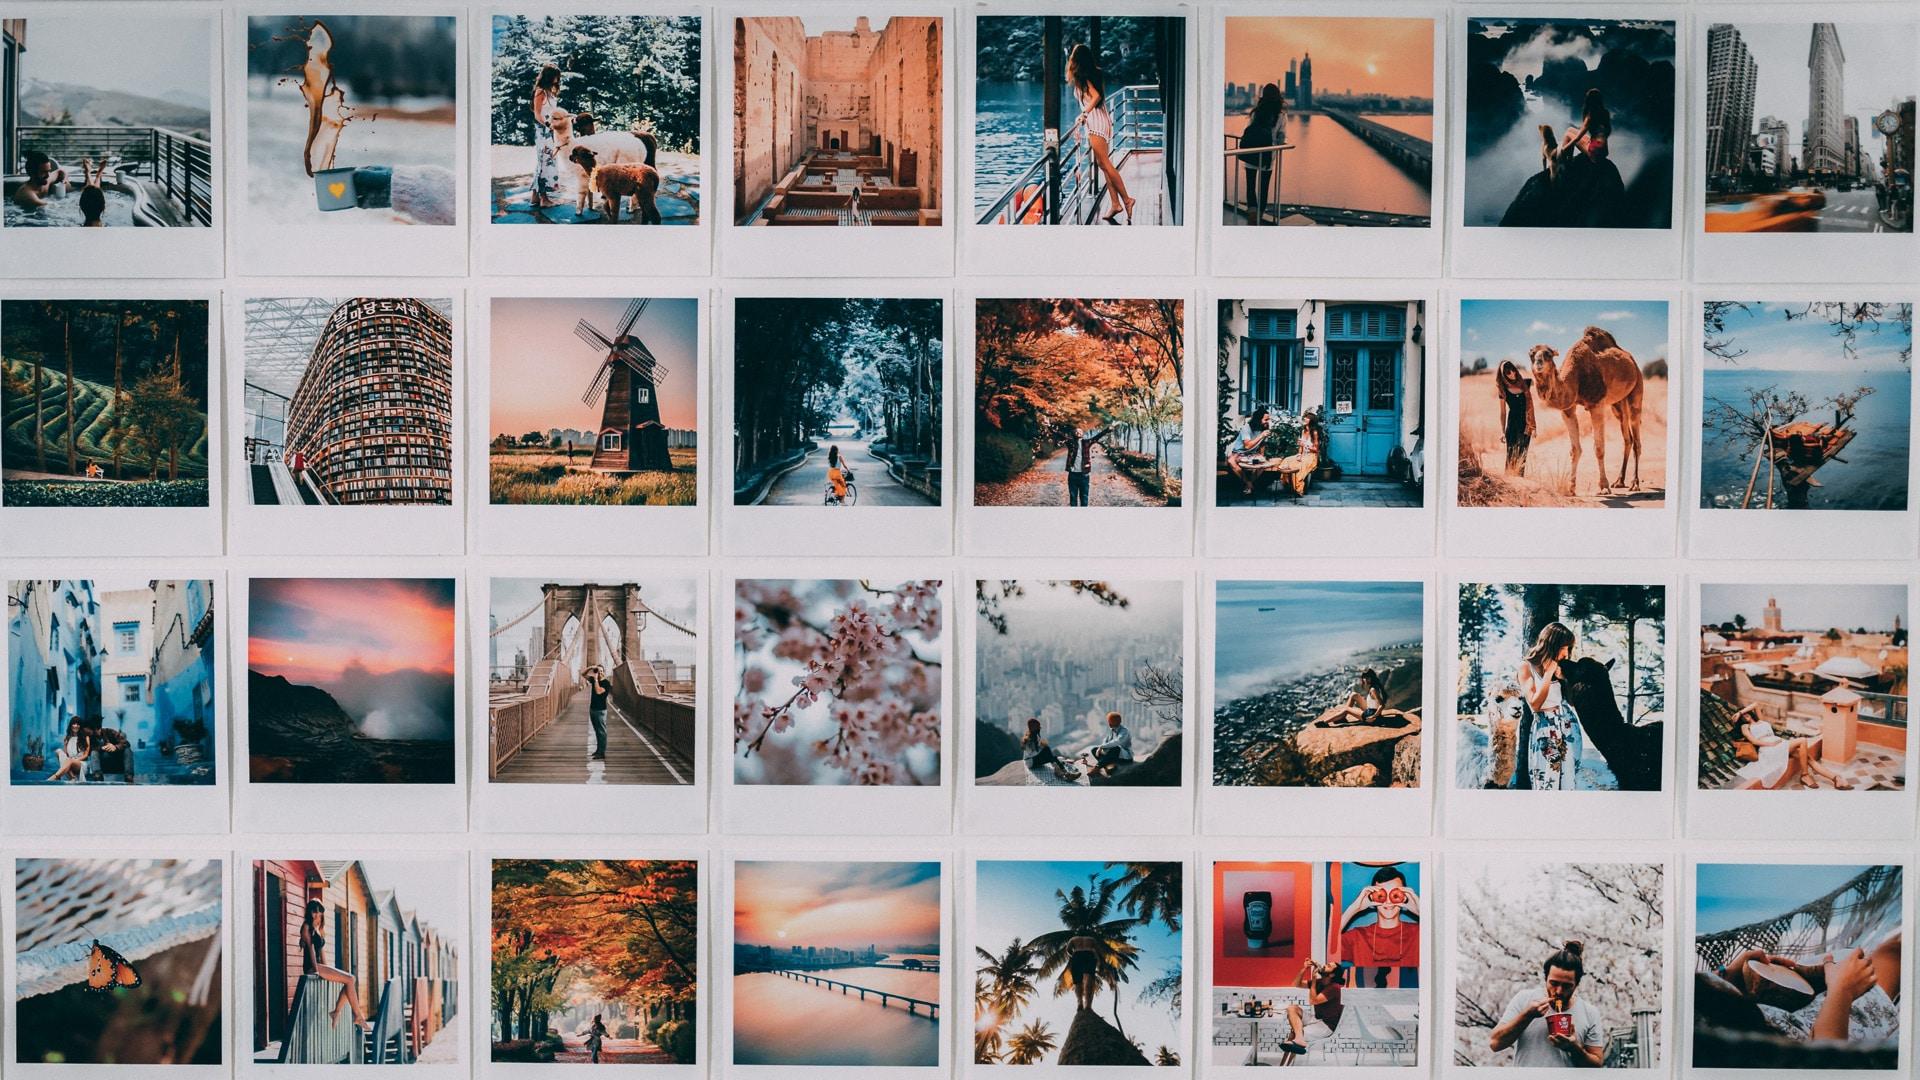 Besplatne fotografije za web - stock servisi